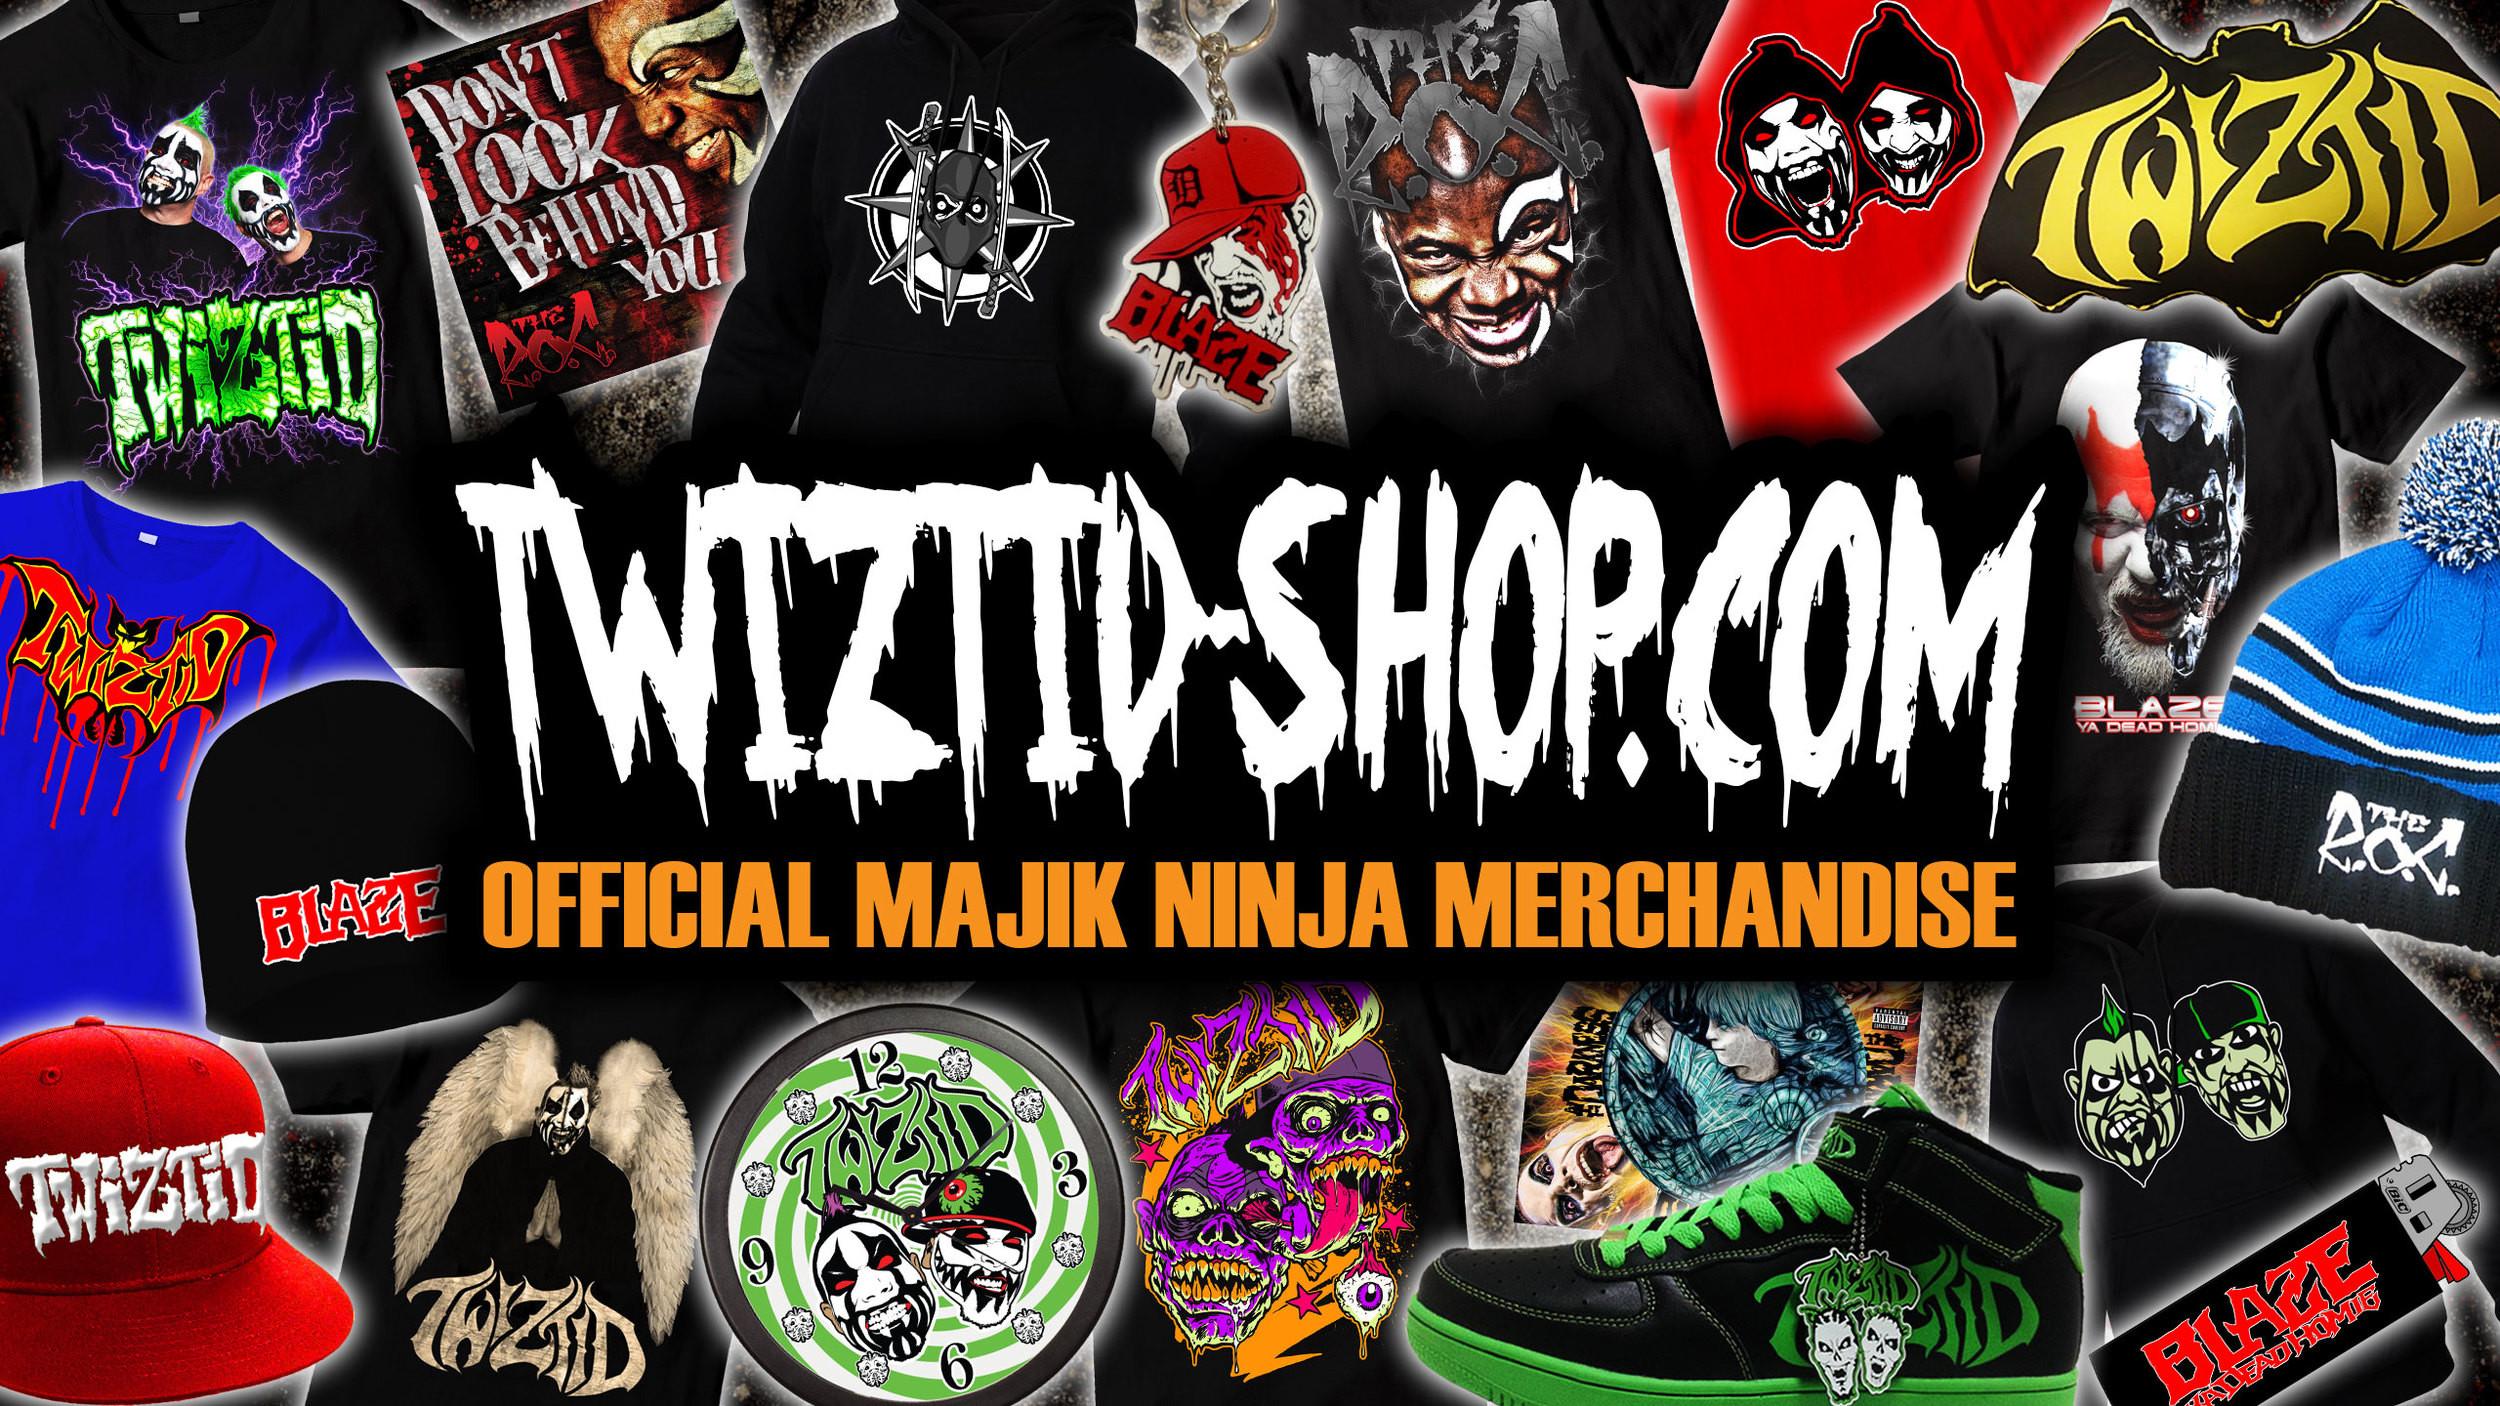 Twiztid-Shop-Site-Header.jpg